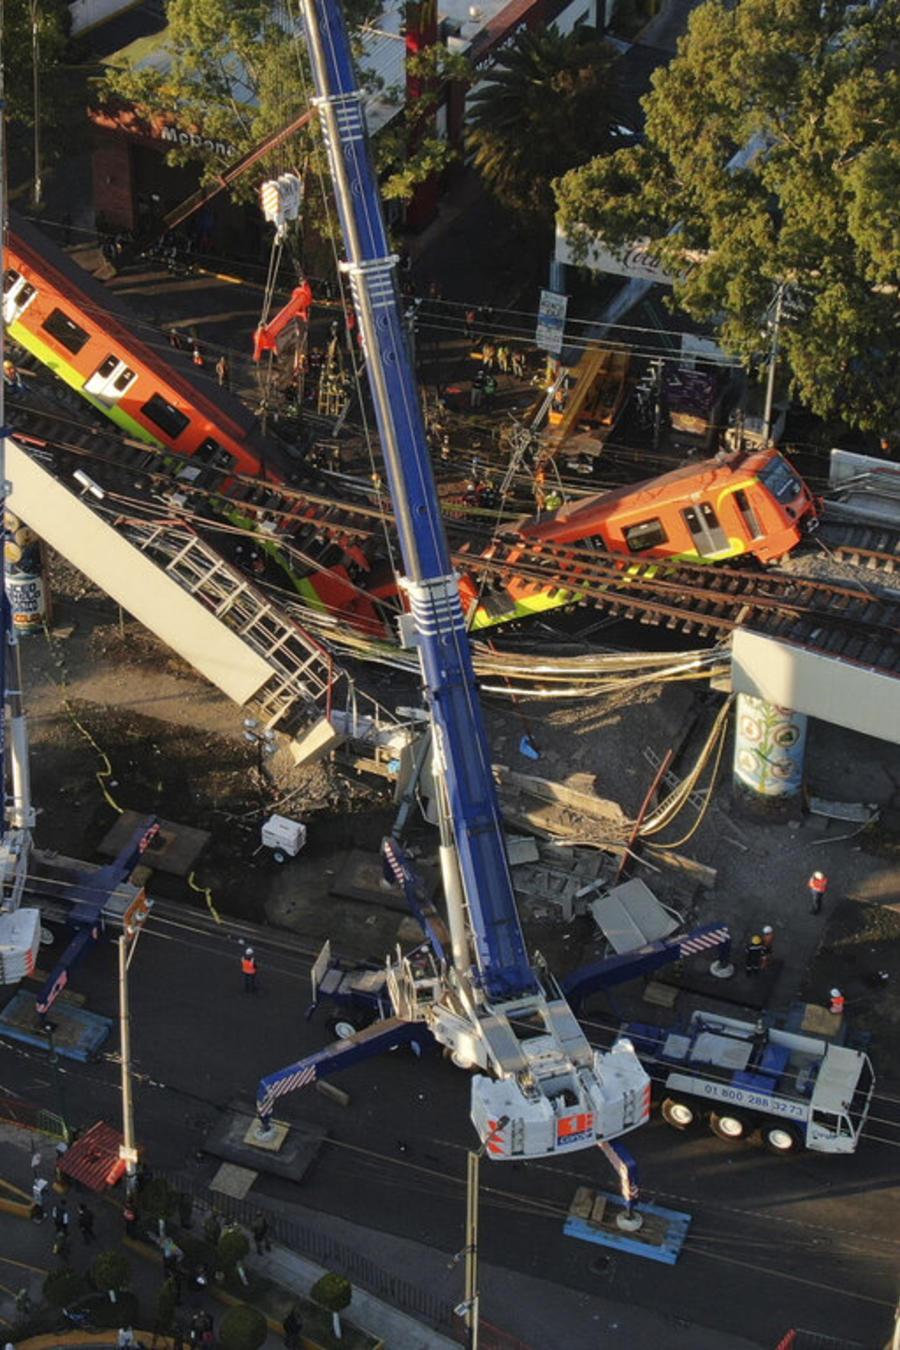 Vista aérea de los vagones del metro luego del colapso de un tramo en Ciudad de México, el 4 de mayo de 2021.